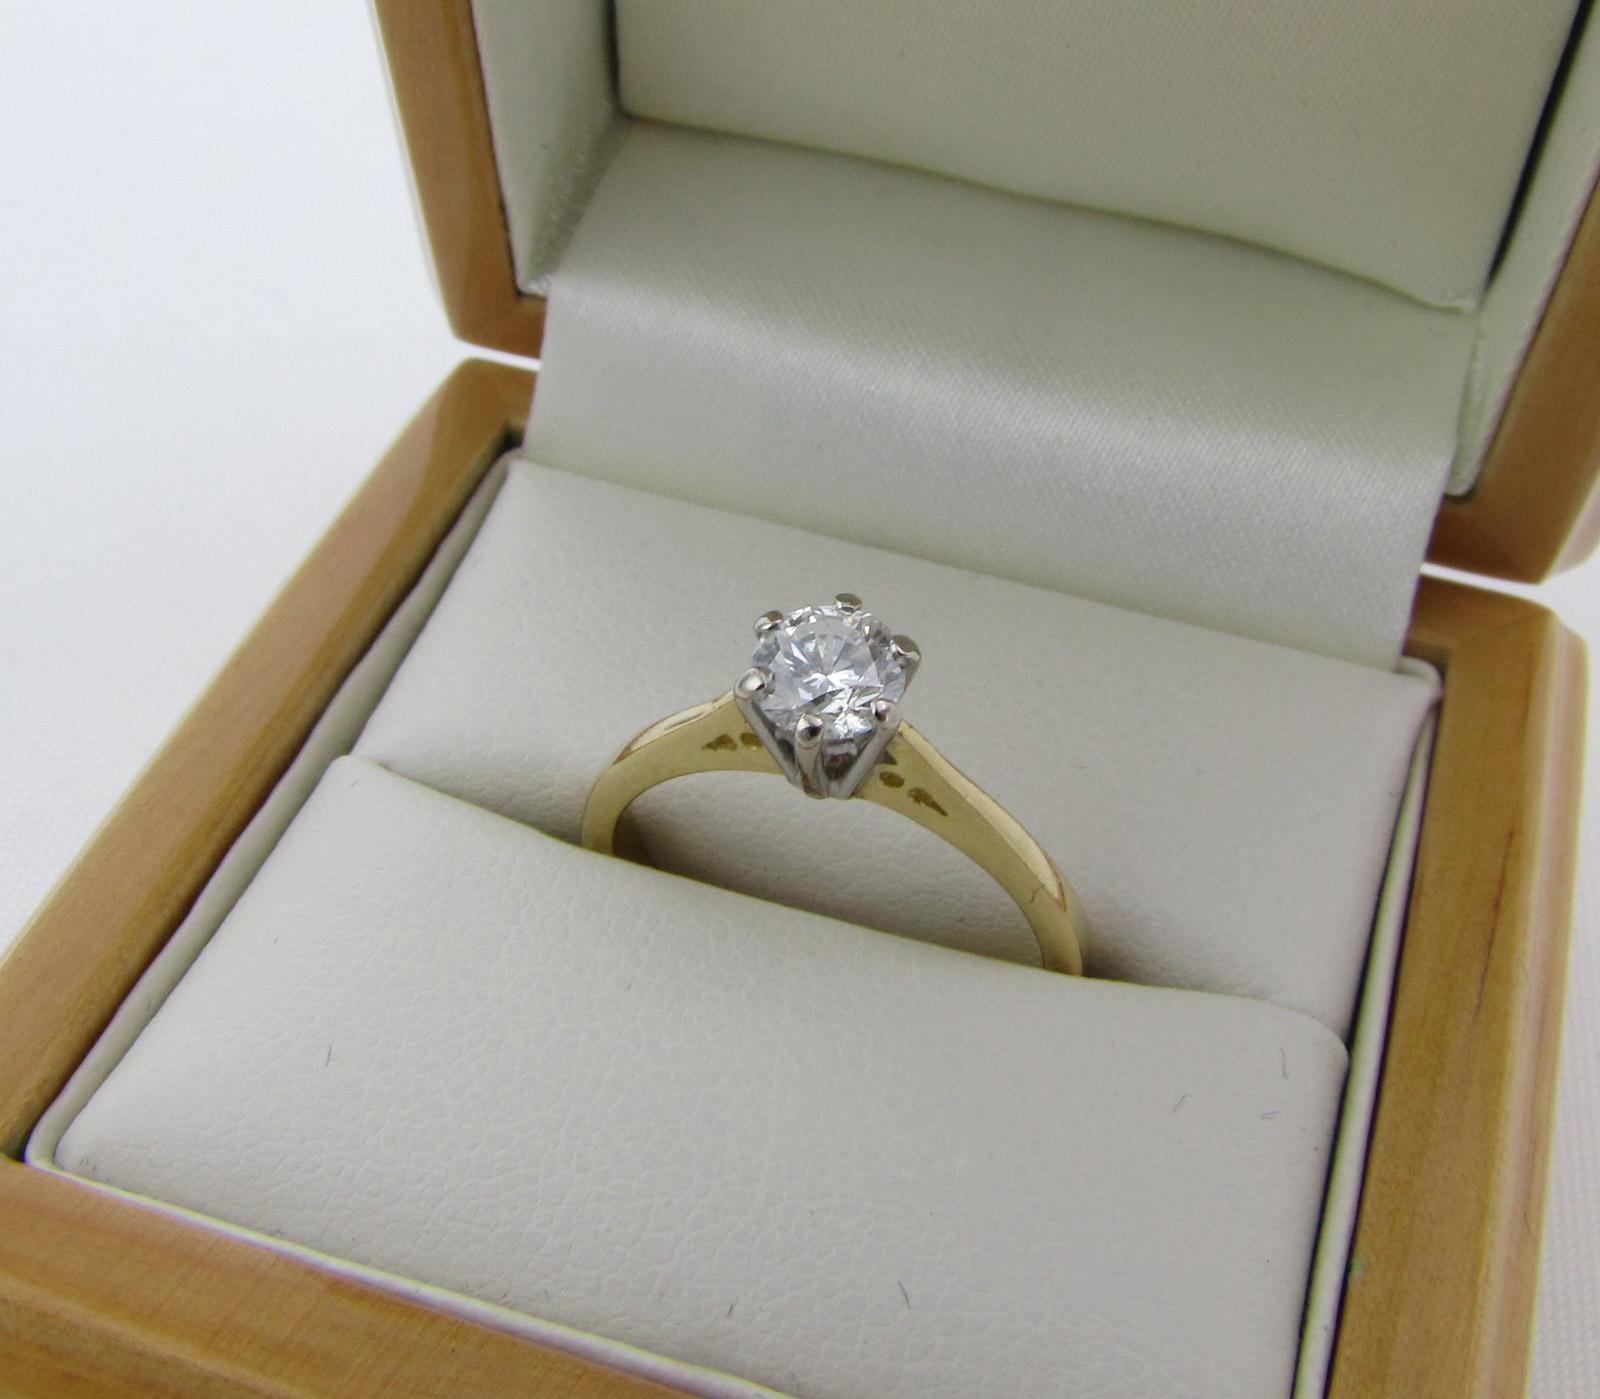 Imponerende flot solitaire ring i 18 karat guld med en stor diamant på 0,50 ct.